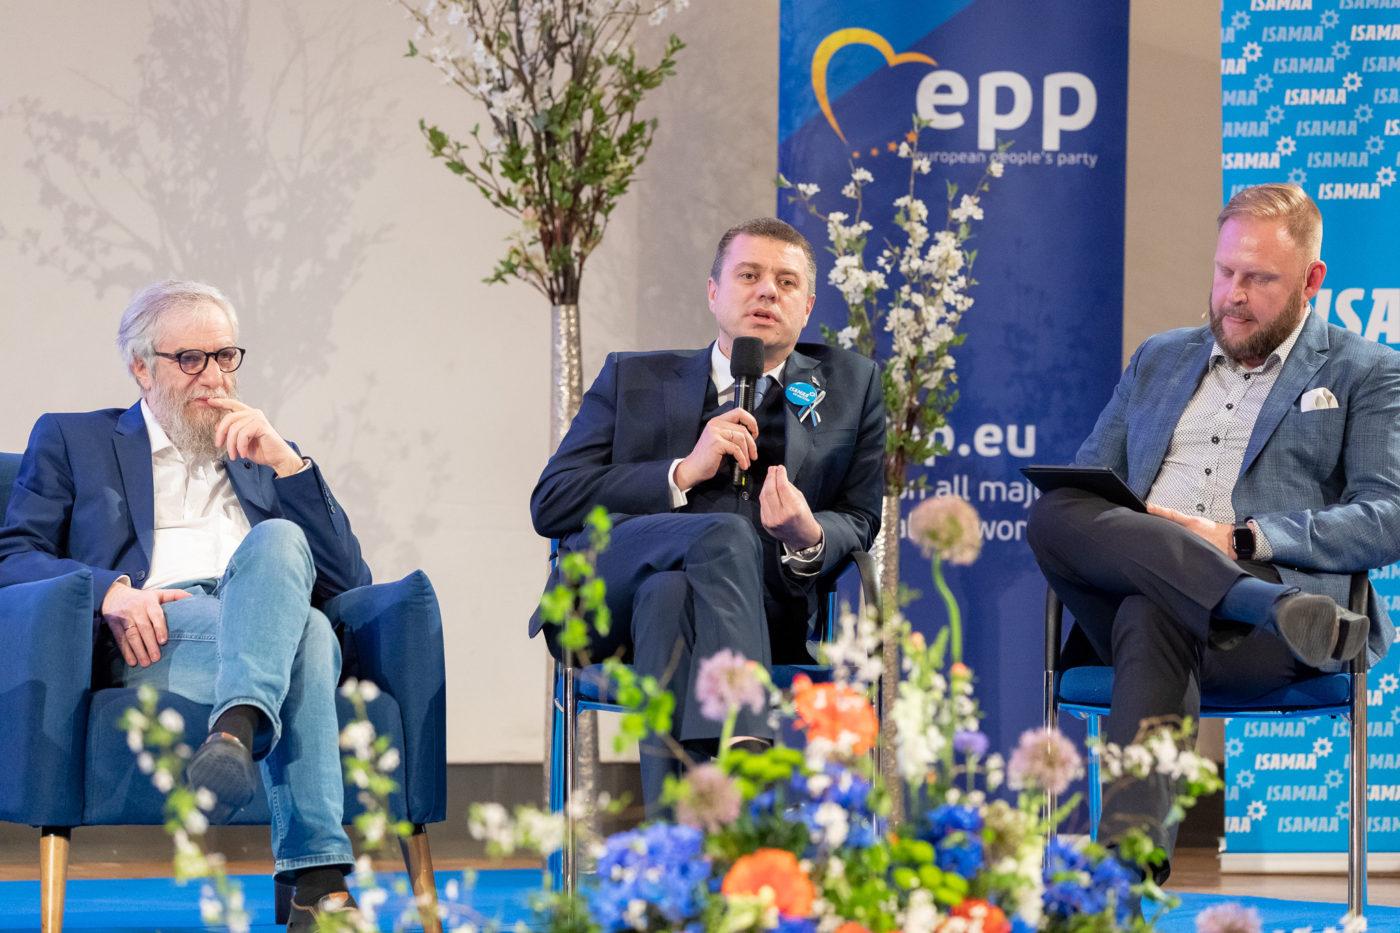 Reinsalu: Venemaale hääleõiguse tagasi andmine on vastuolus Euroopa Nõukogu väärtustega